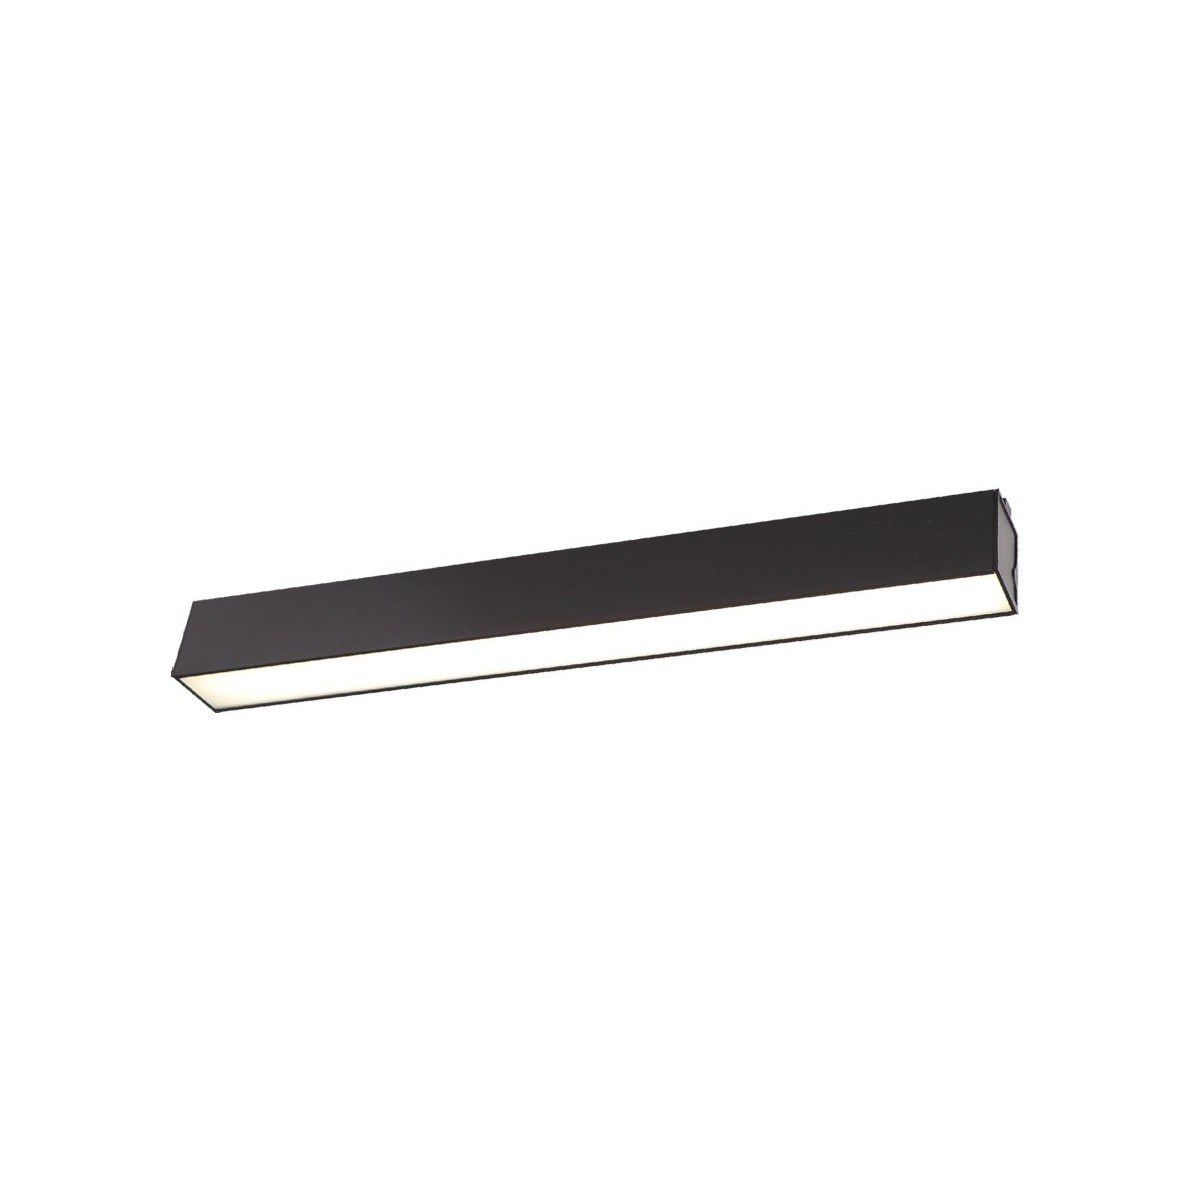 MAXlight Linear Black Sufitowa 18W LED 1300lm 4000K Ściemnialna C0190D